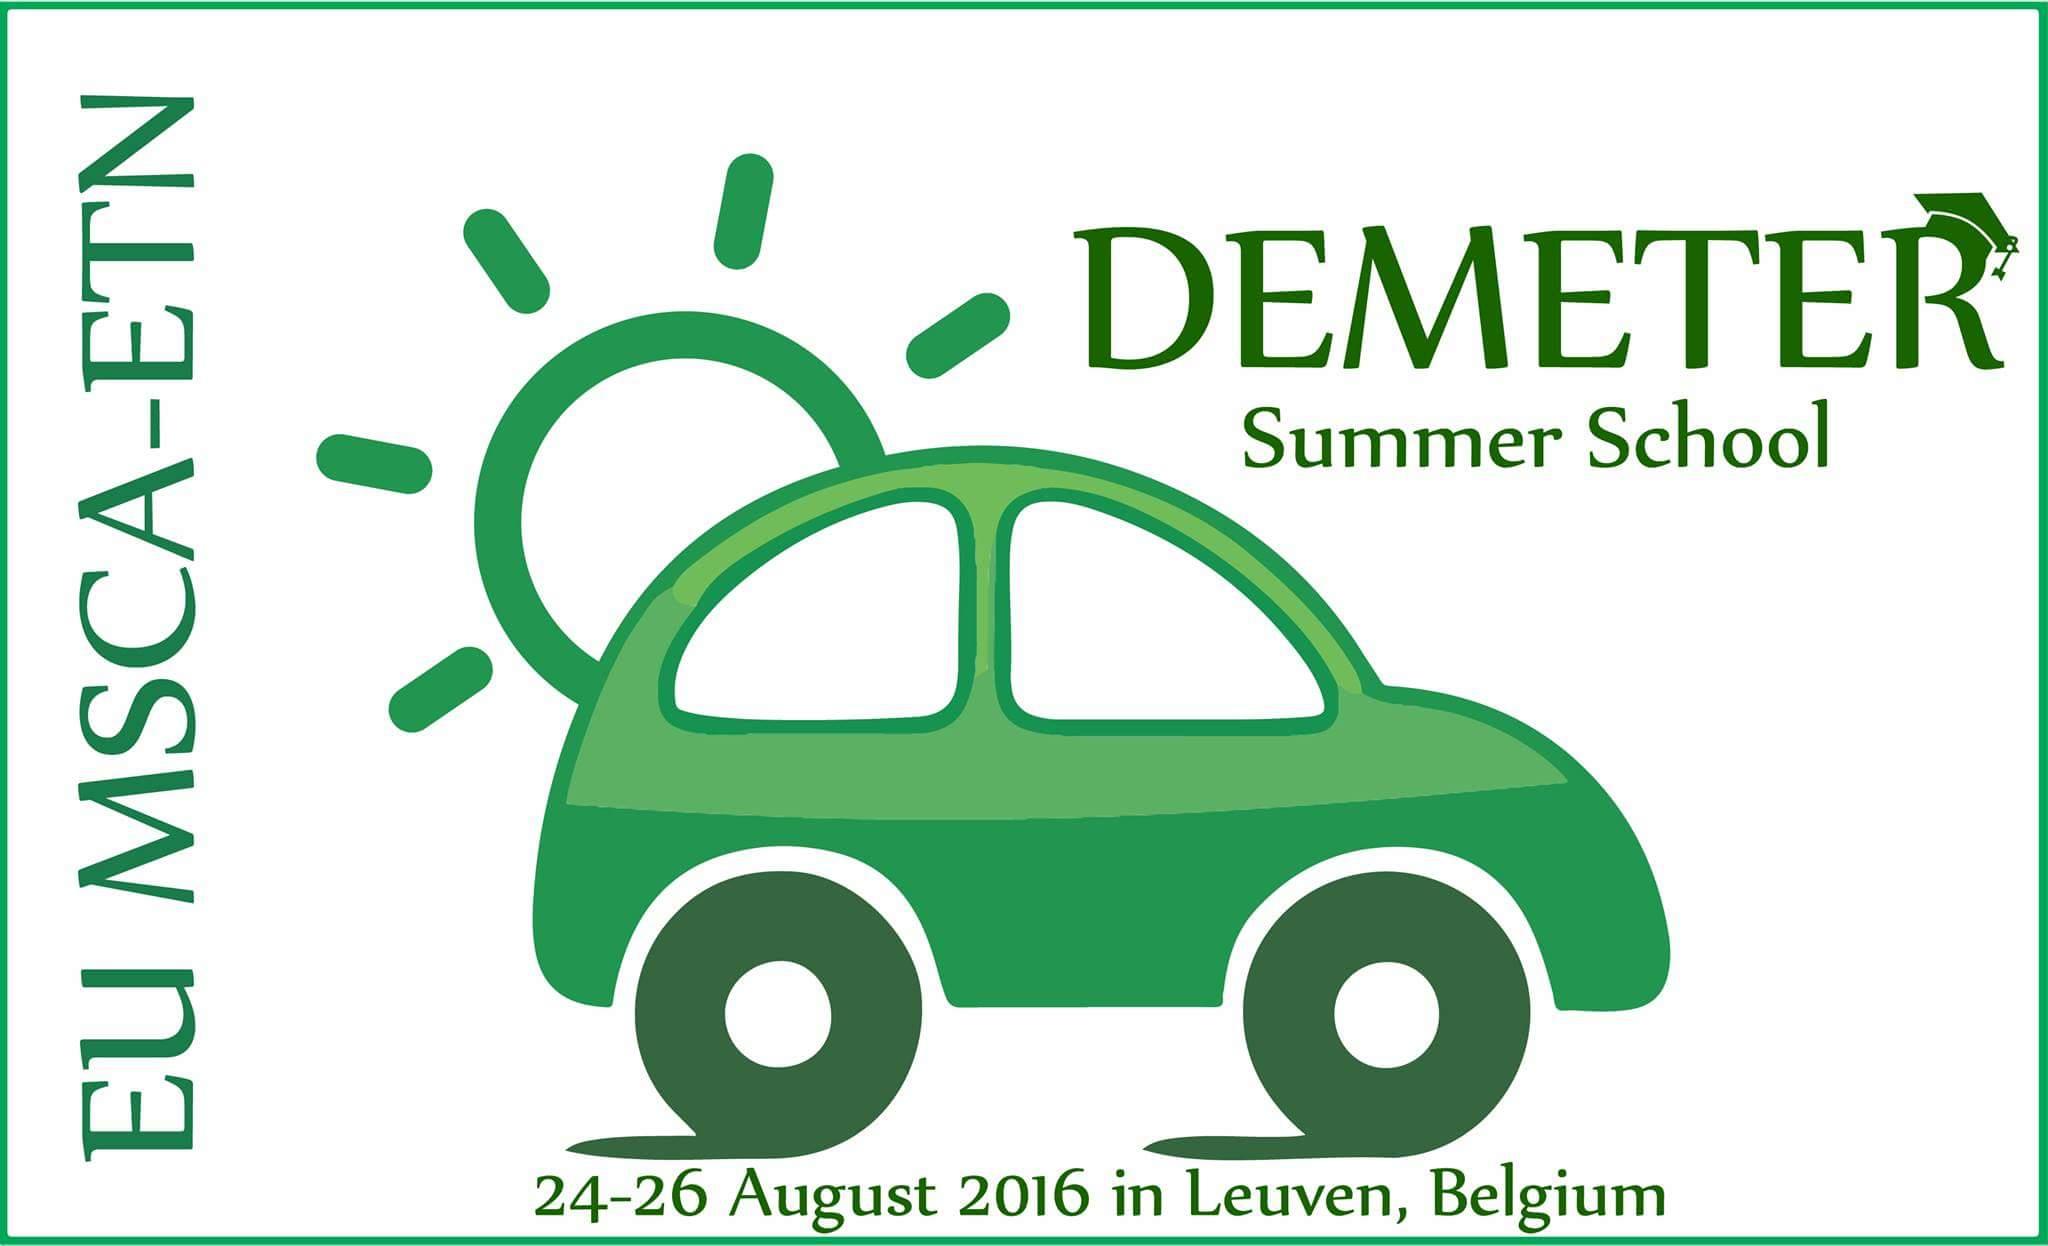 DEMETER Summer School